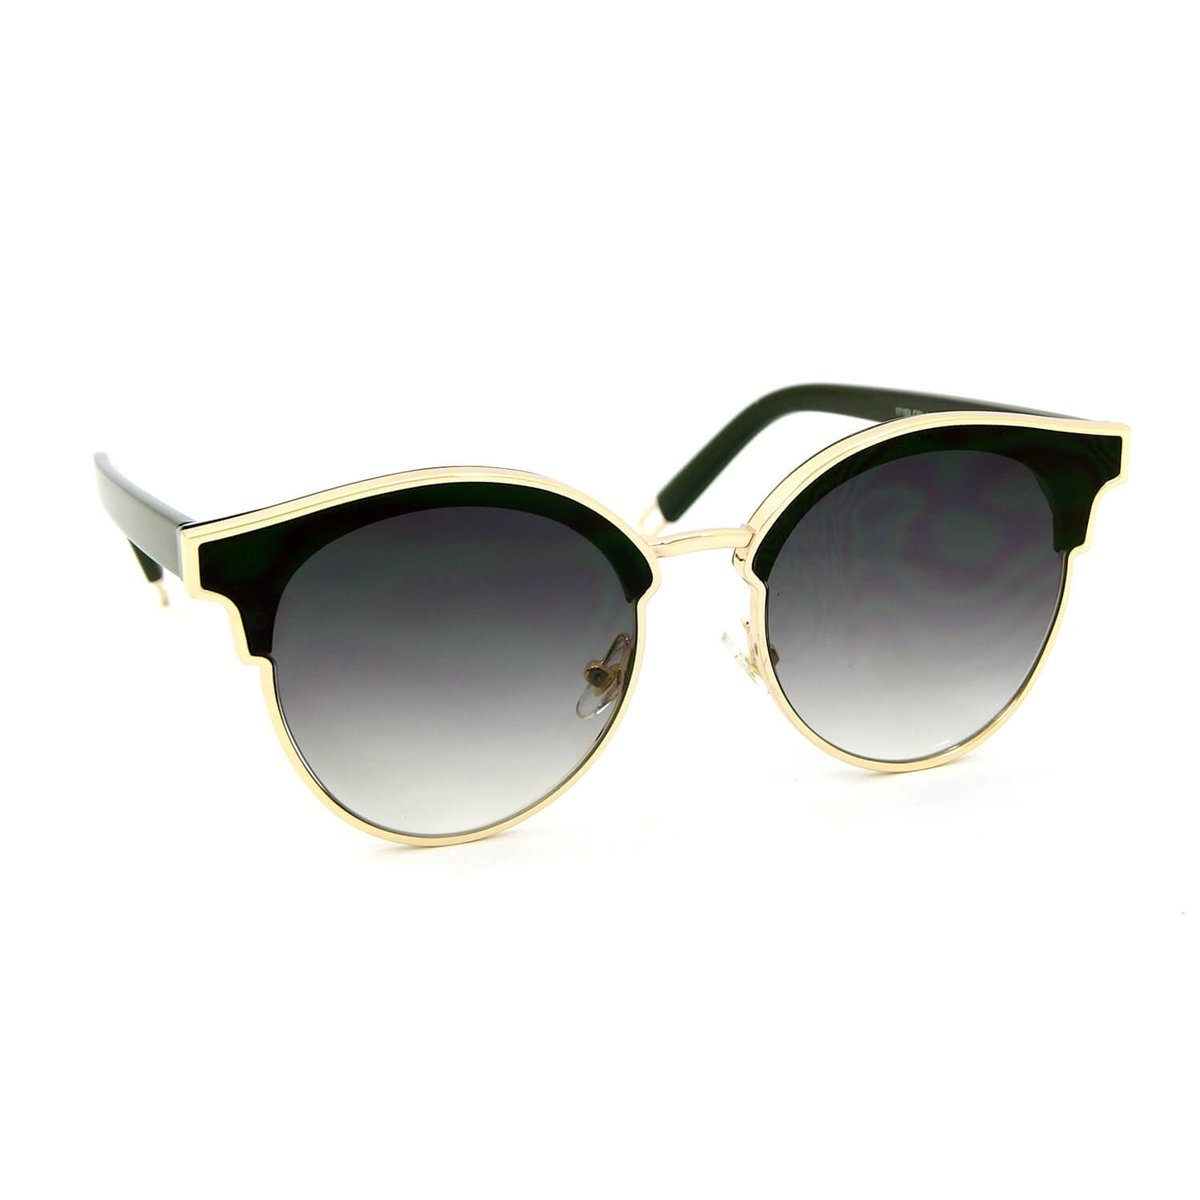 Óculos de Sol Gatinha Style - Compre Agora   Zattini daa9374006